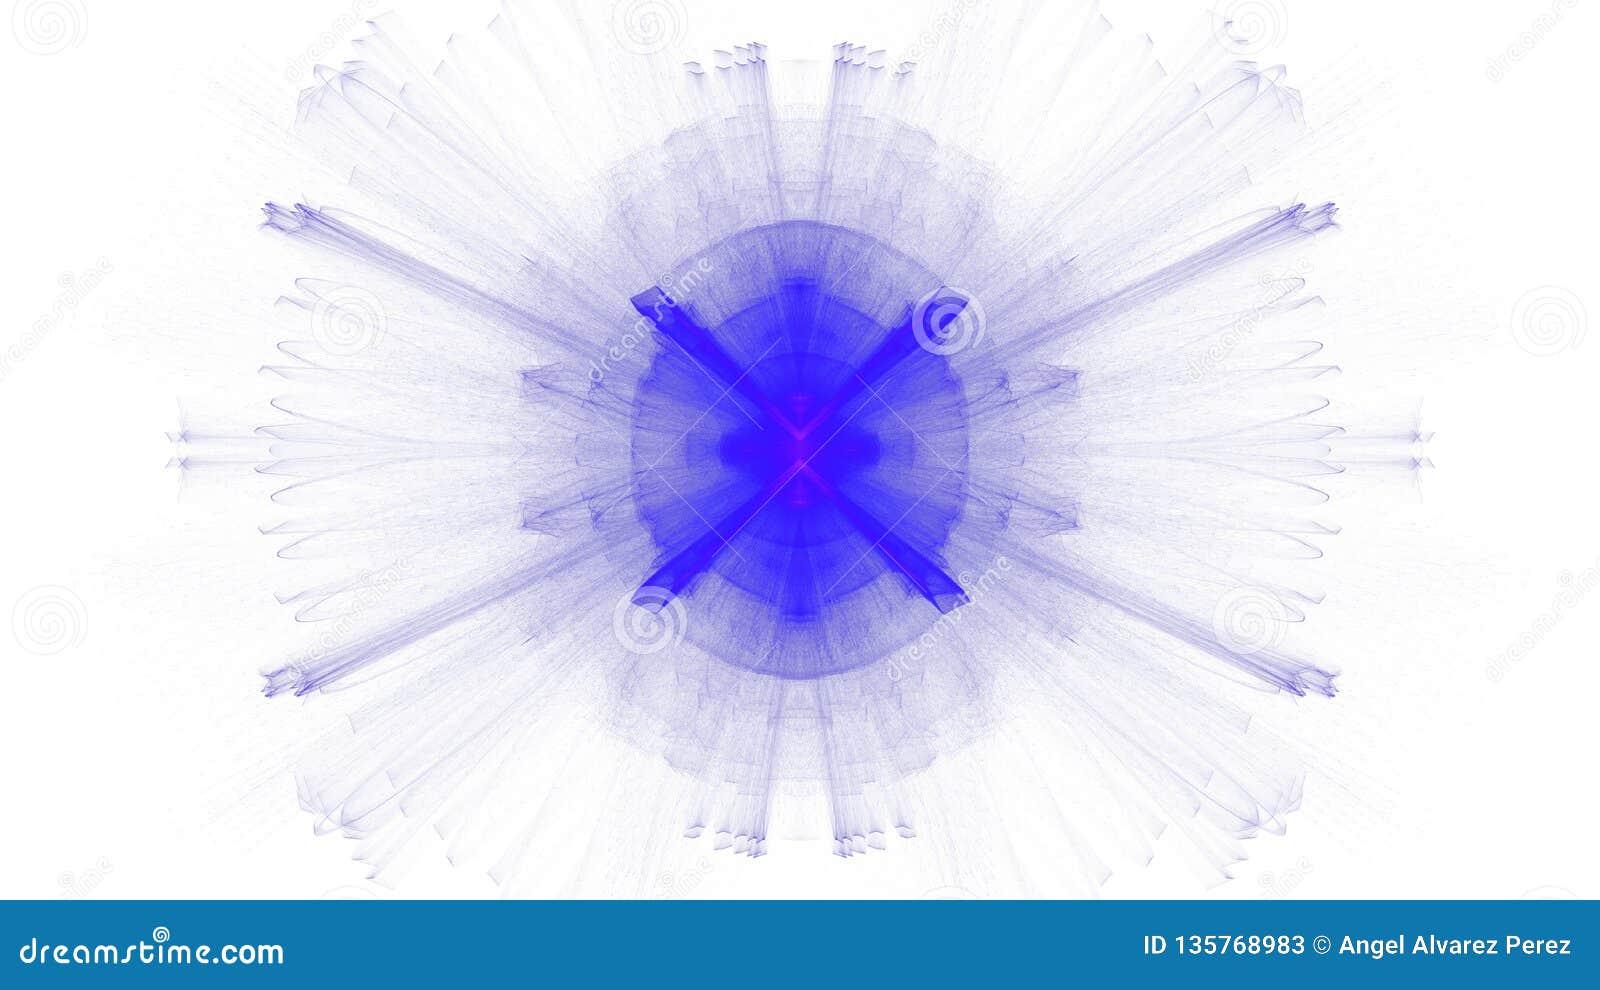 Digital art design blue vibrant on white background